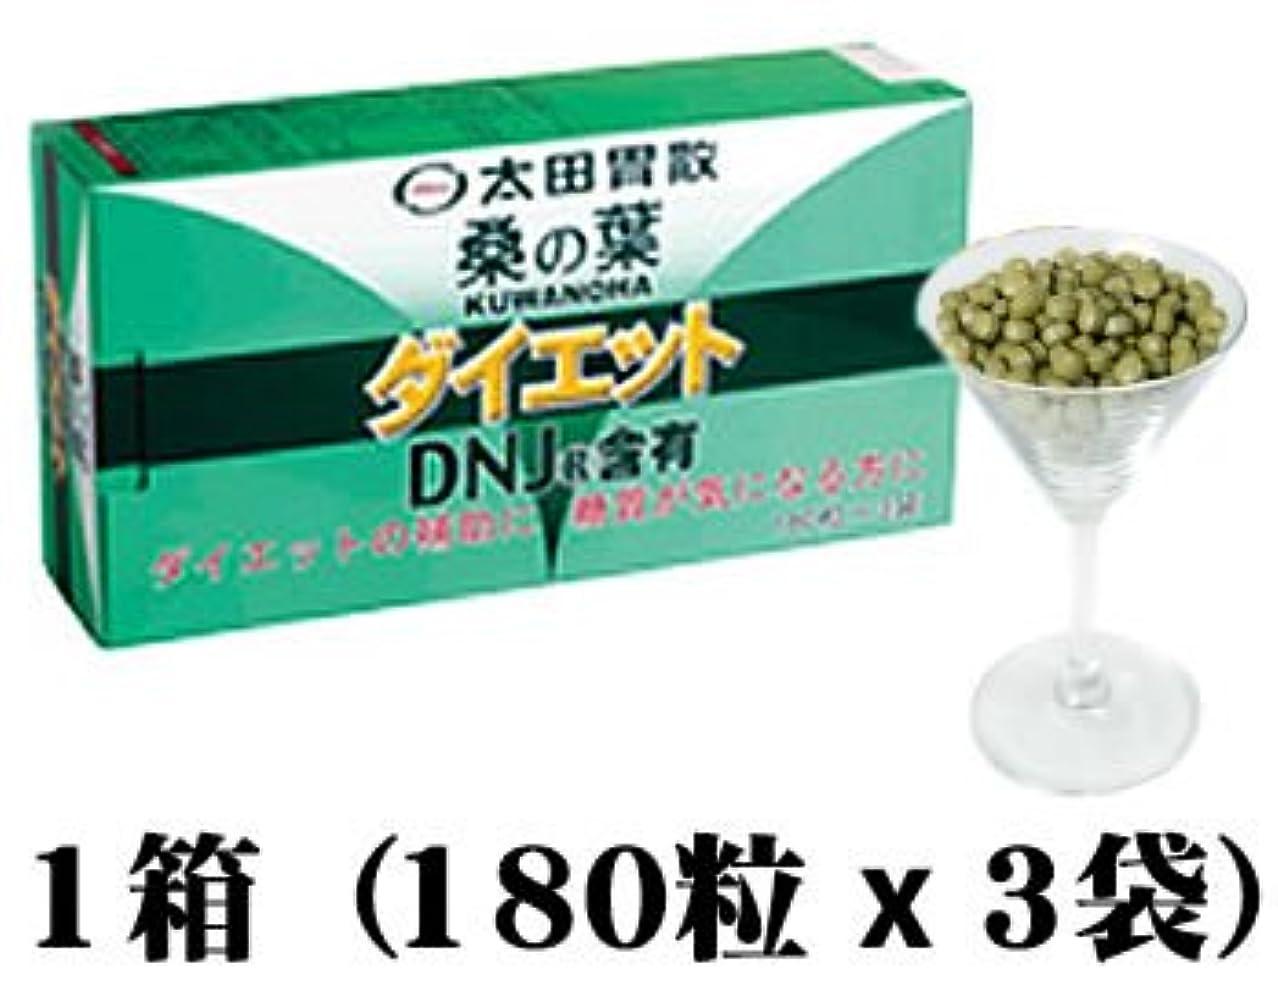 マニアパキスタンスパイ太田胃散 桑の葉ダイエット詰替用(180粒×3袋入)